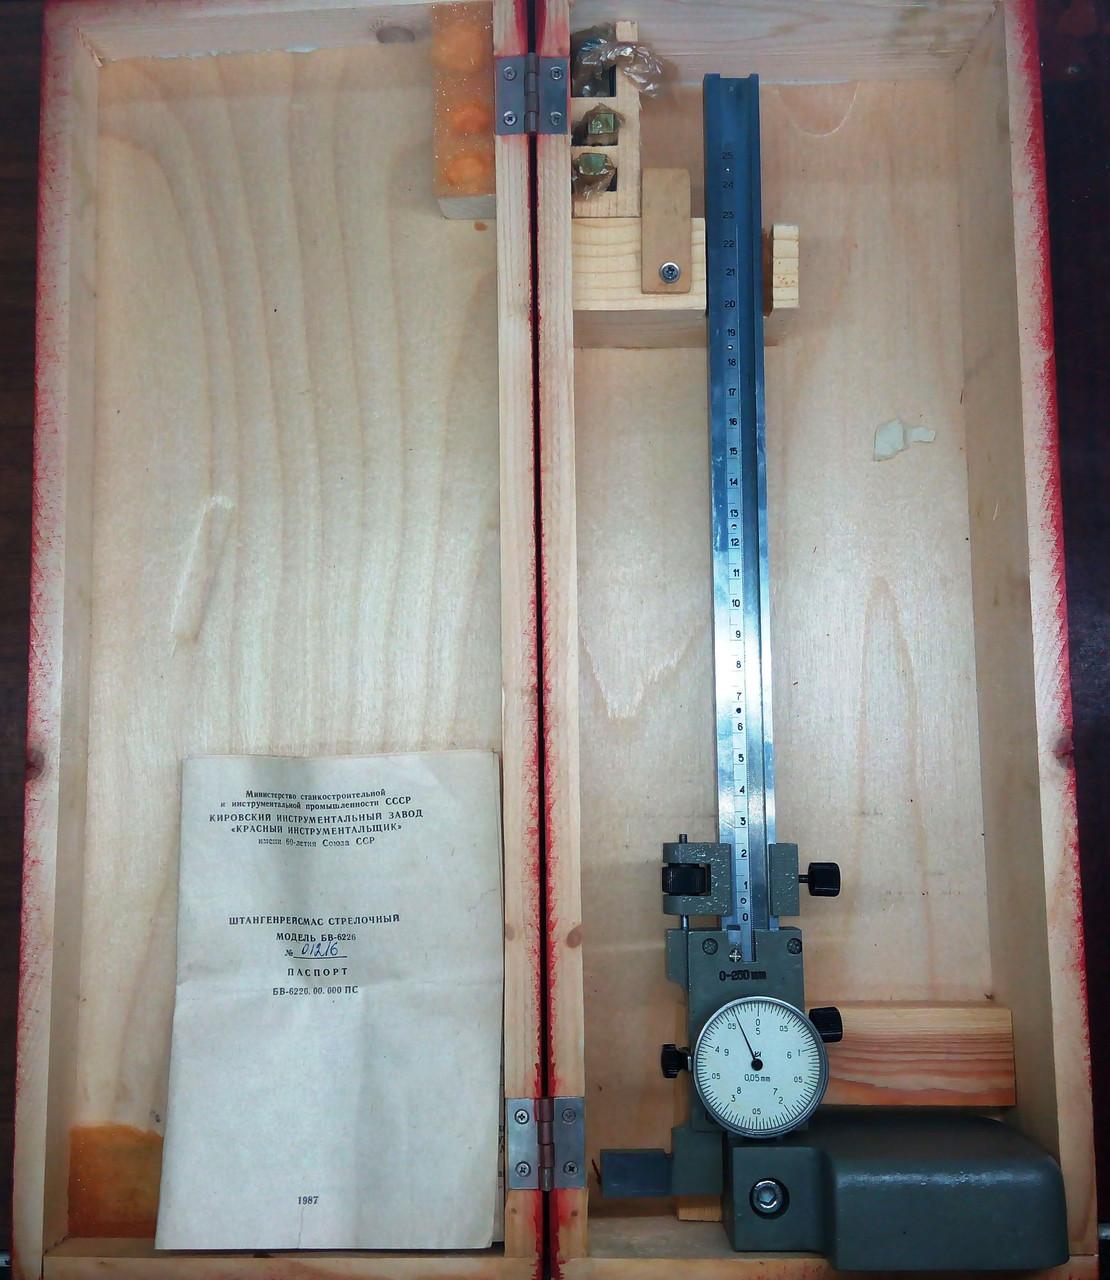 Штангенрейсмас стрелочный БВ-6226 0-250 мм